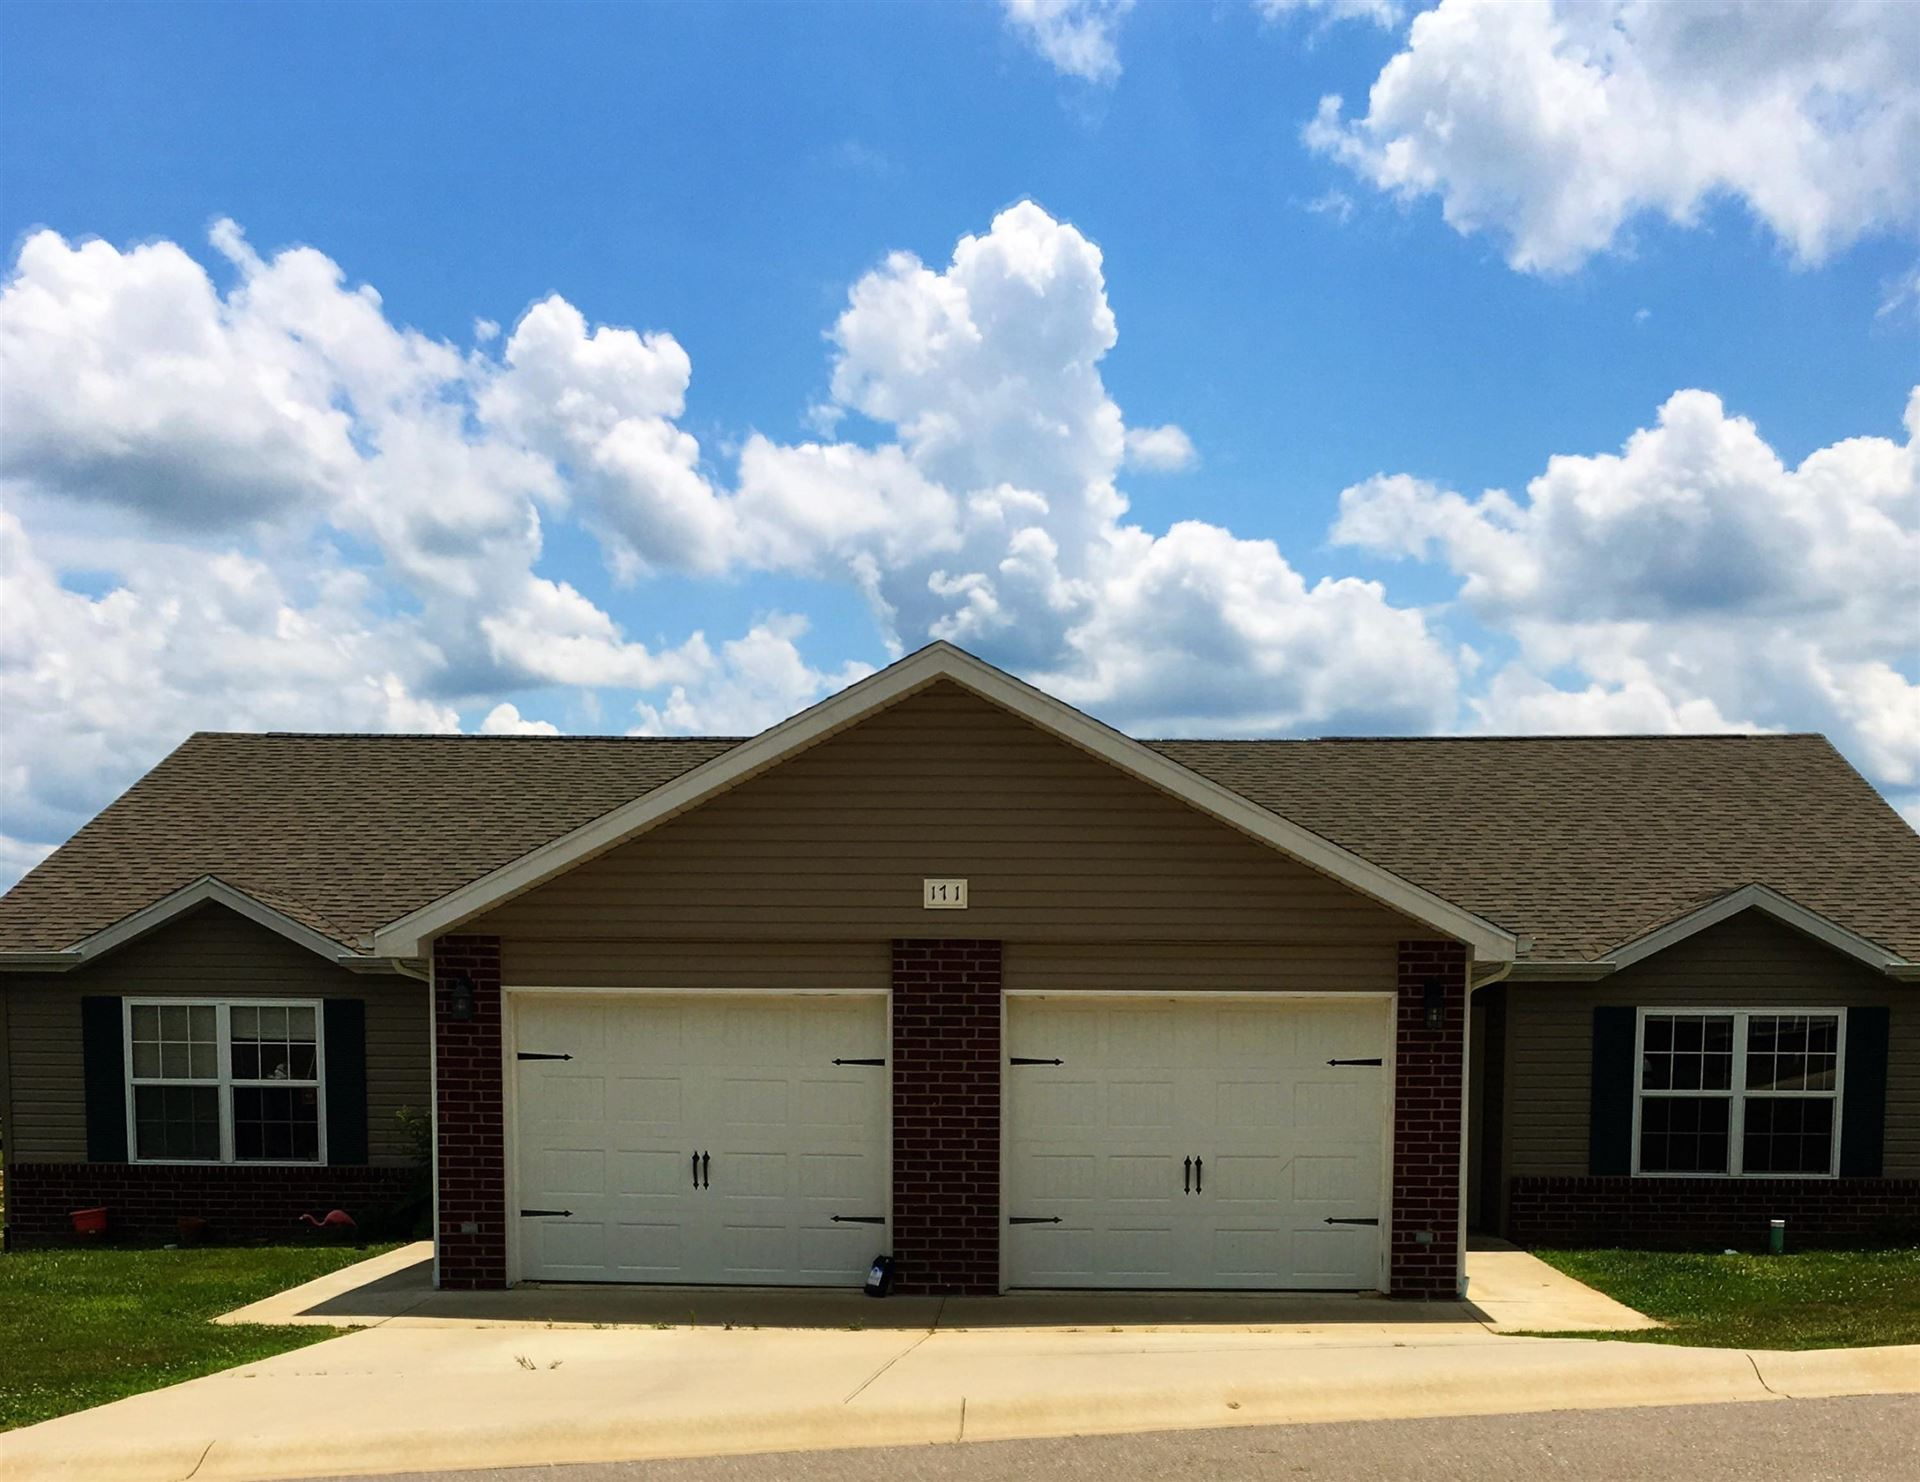 Photo of 171 Lyle Curtis Circle, Waynesville, MO 65583 (MLS # 60197661)